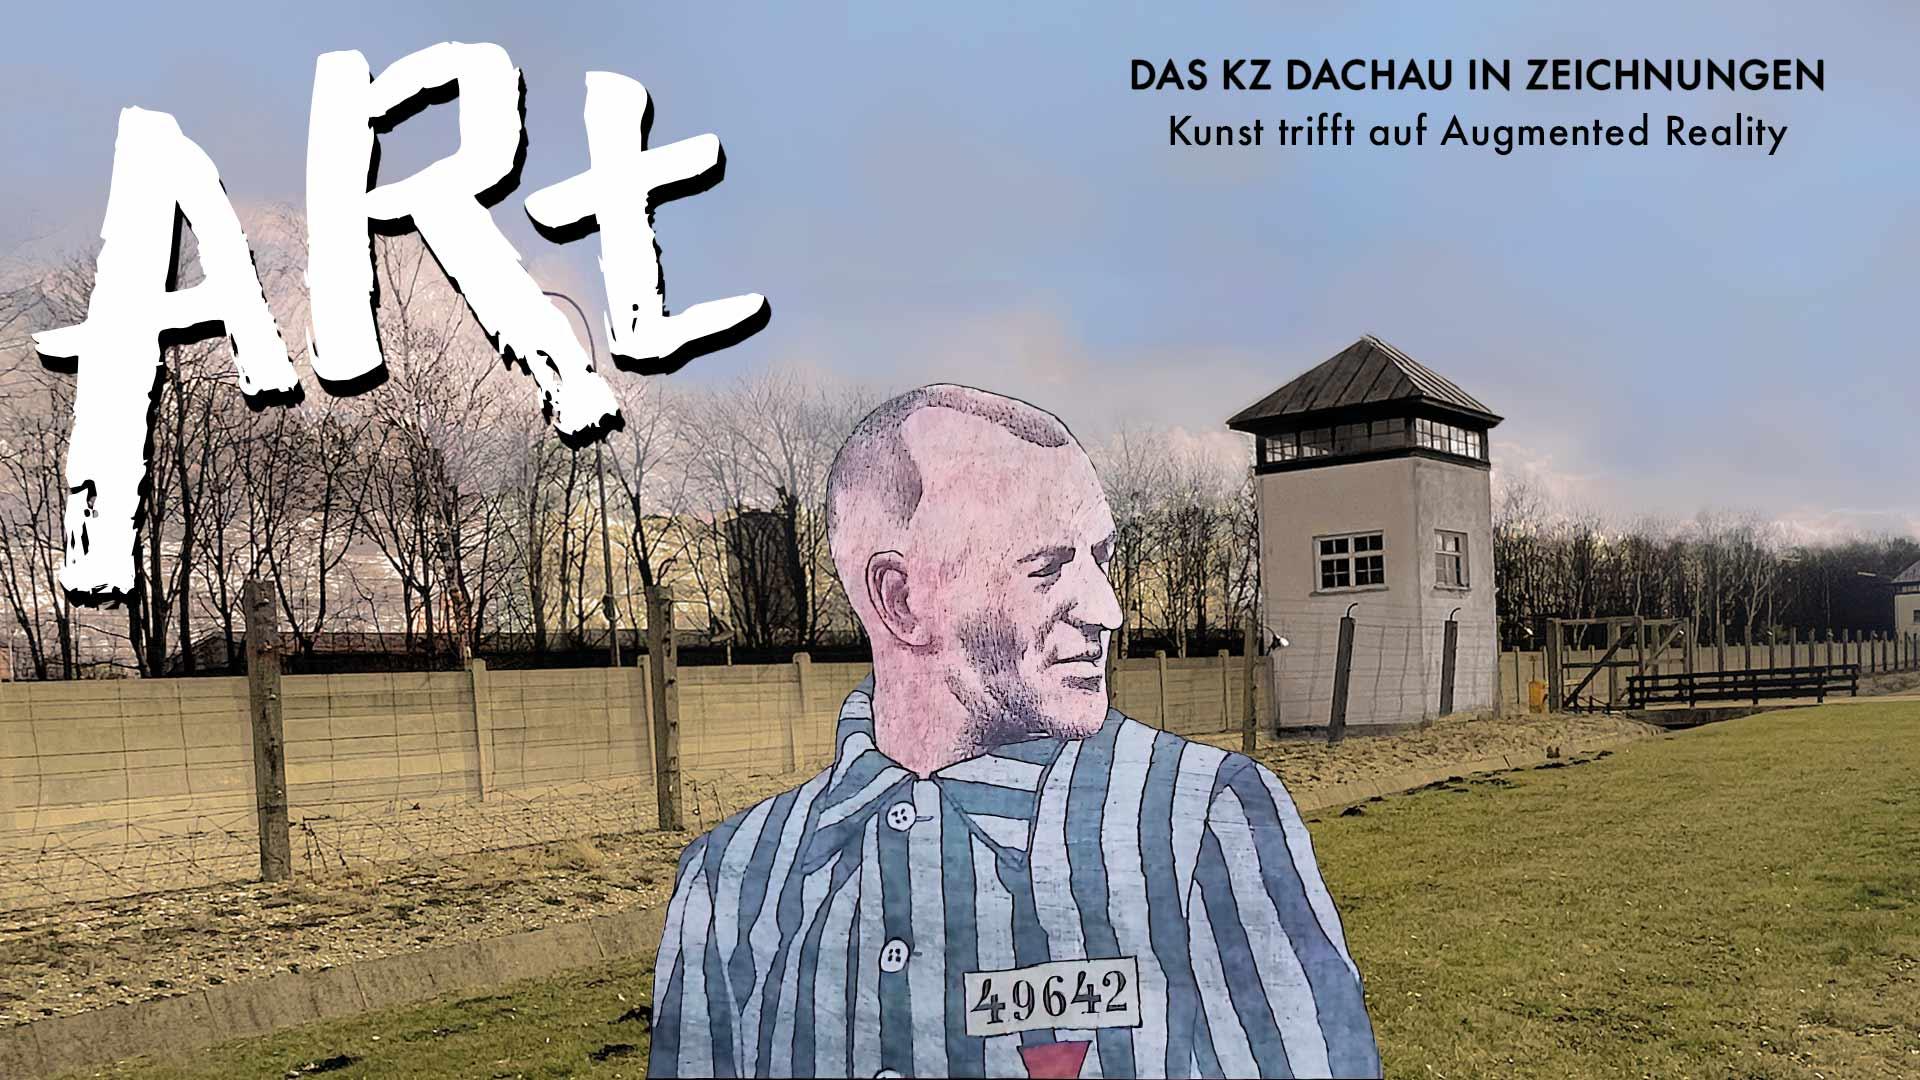 Das Logo von ARt, ein KZ-Häftling in AR vor dem Gelände der KZ-Gedenkstätte